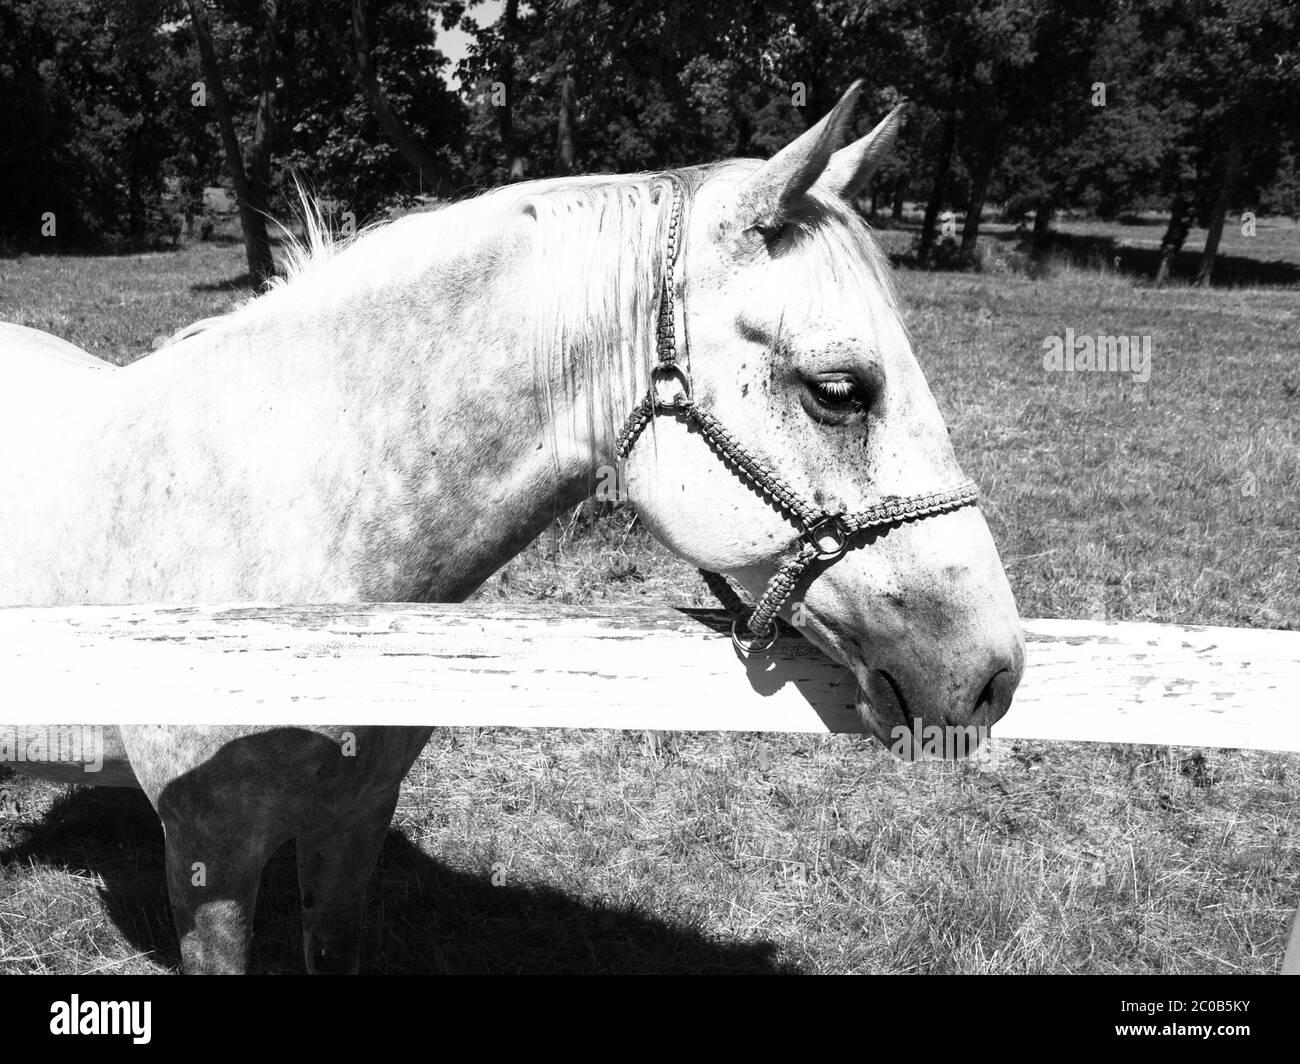 Portrait of white Lipizzaner stallion, Lipica, Slovenia, black and white image Stock Photo